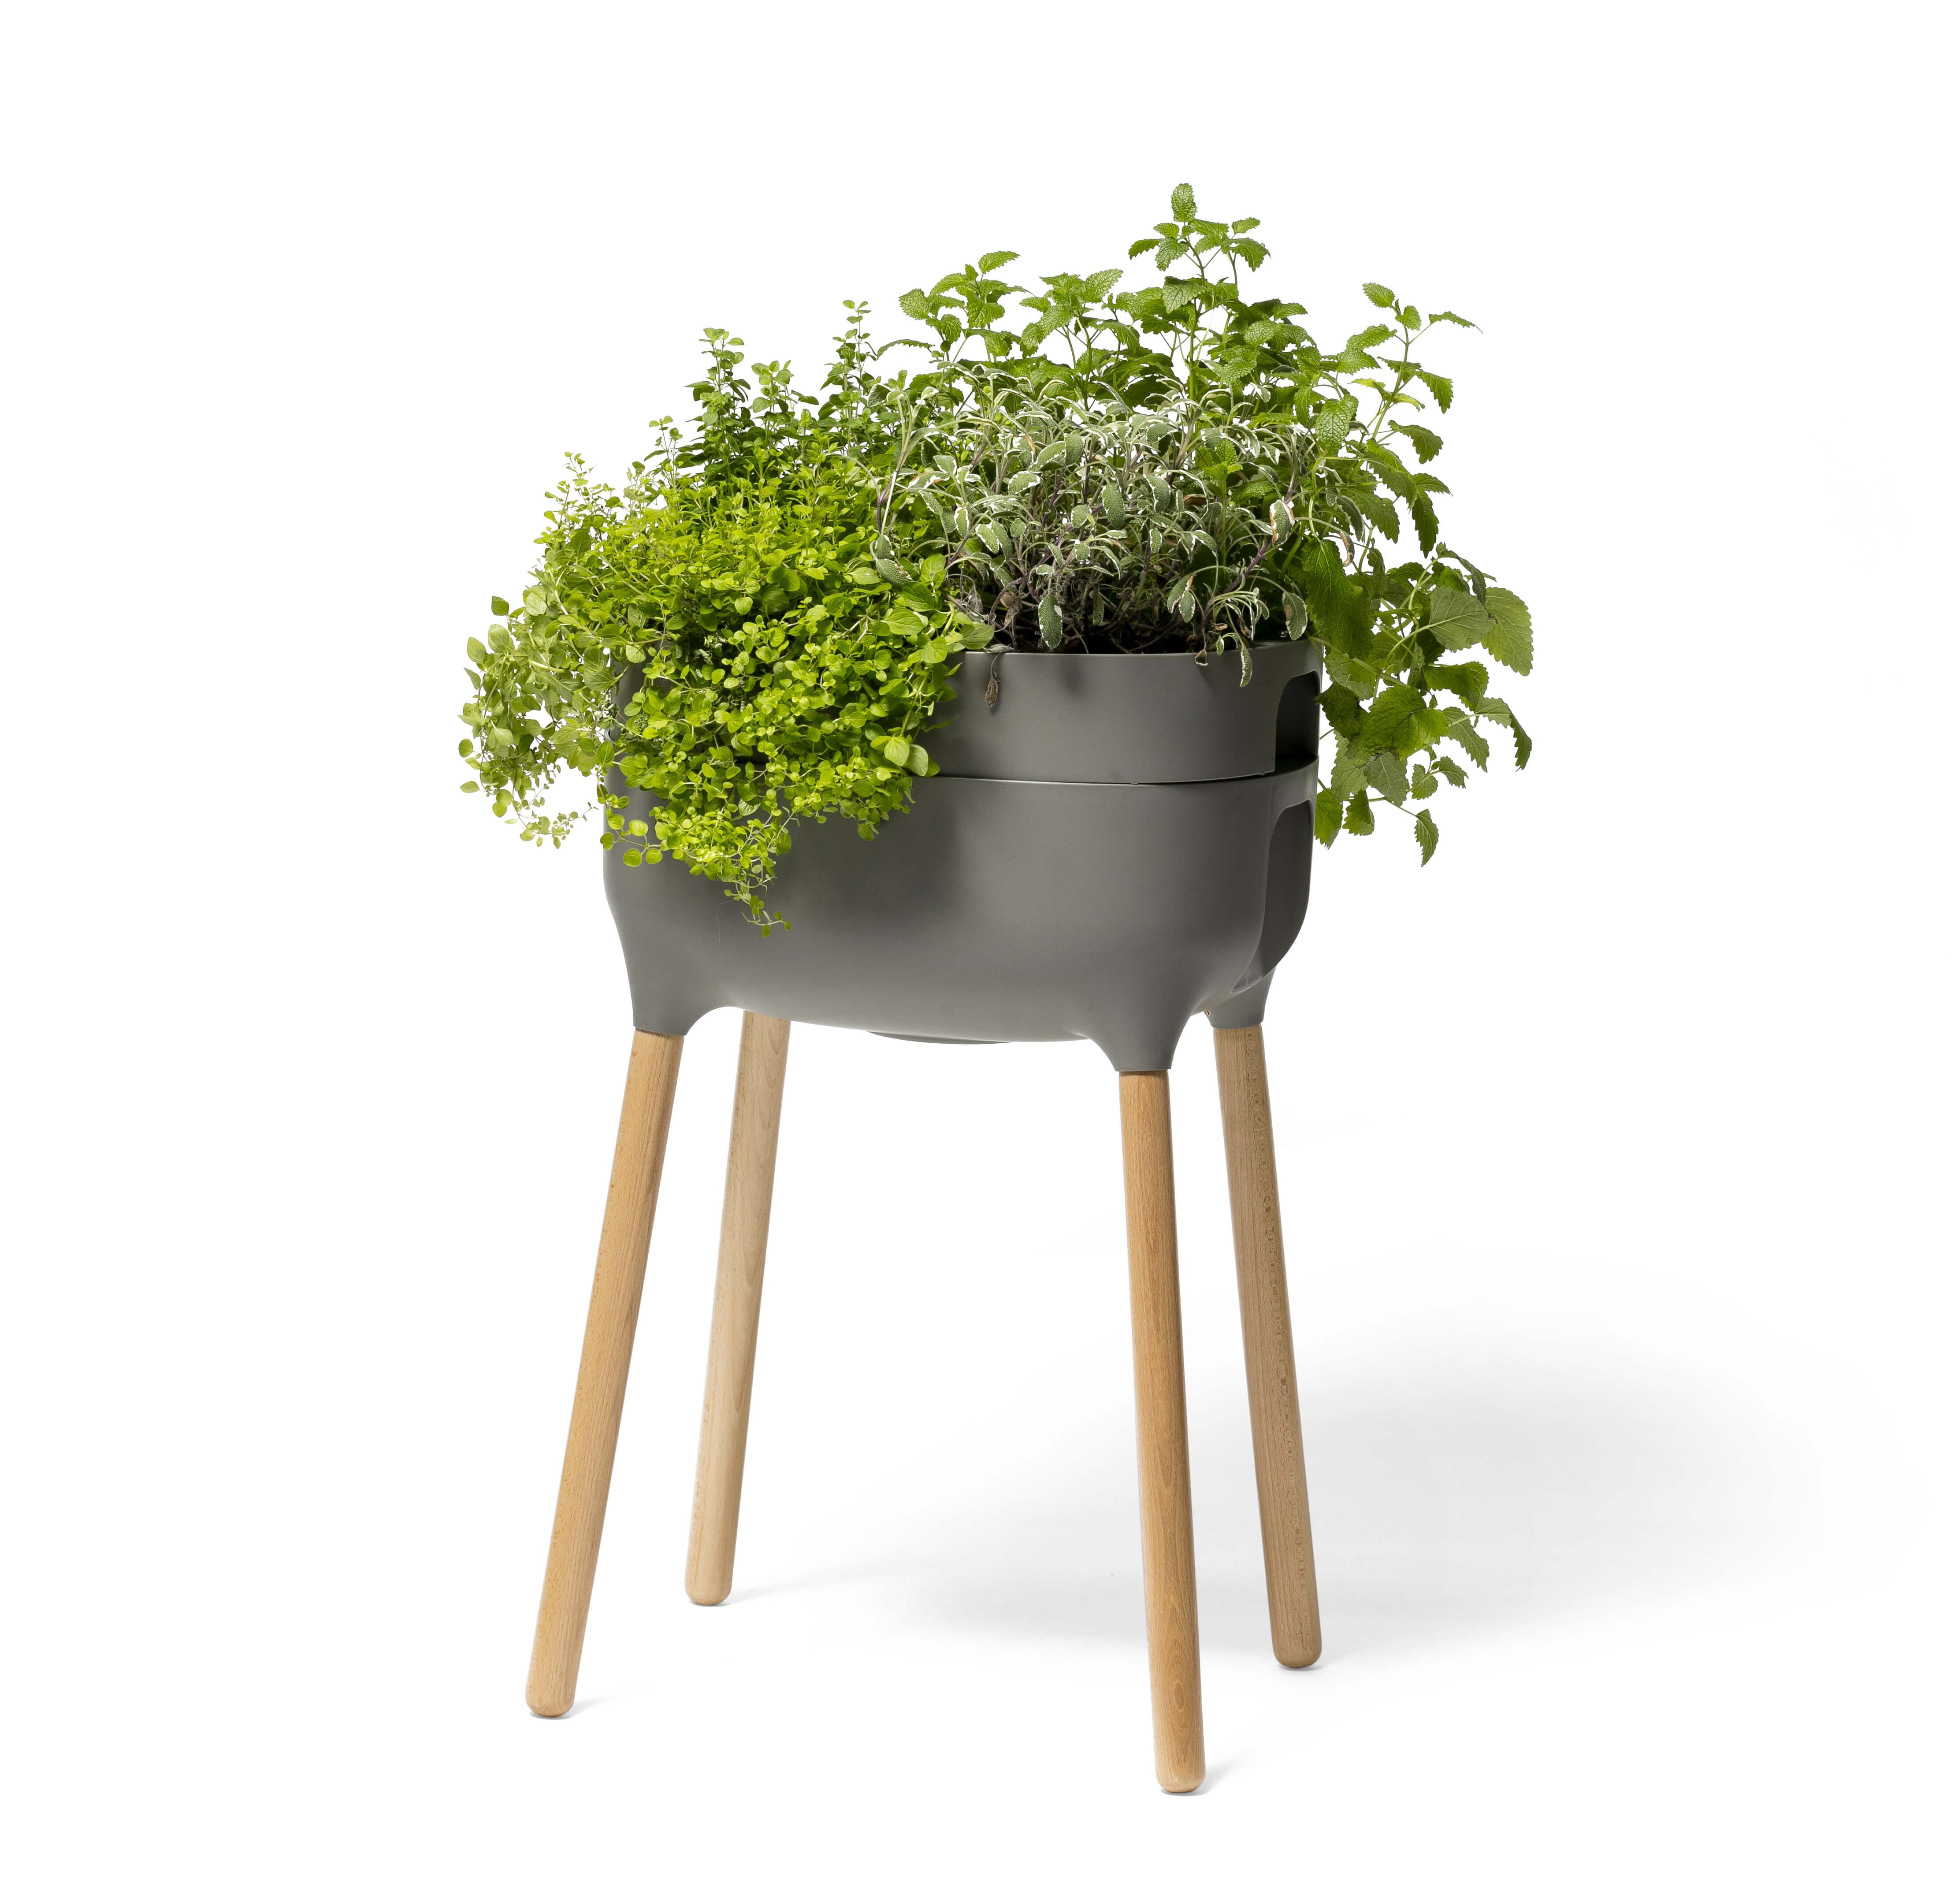 Vysoká samozavlažovací pěstební nádoba Urbalive - antracit světlý